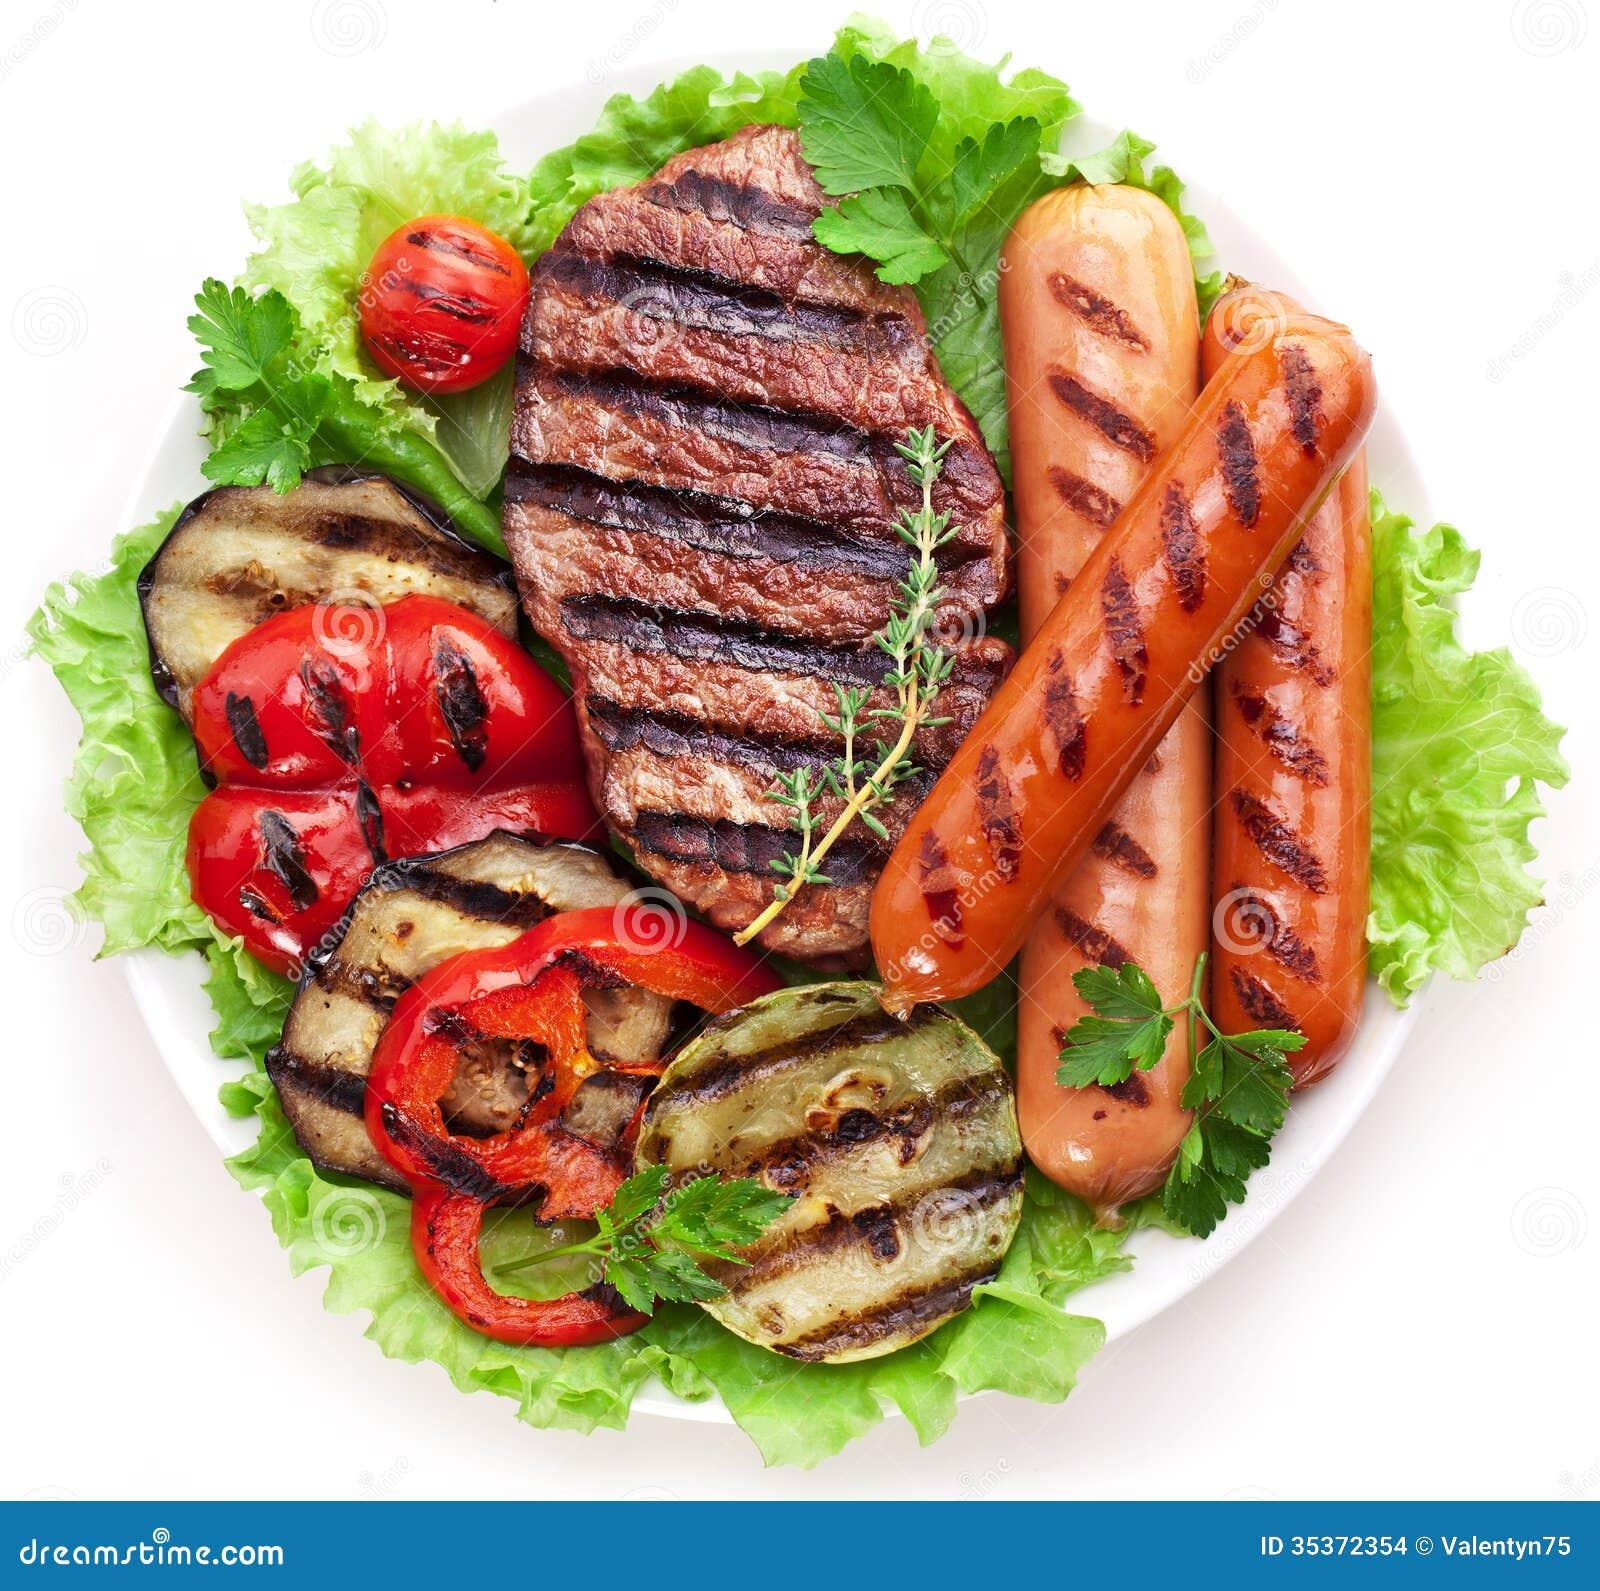 Gegrilltes Steak, Würste und Gemüse.